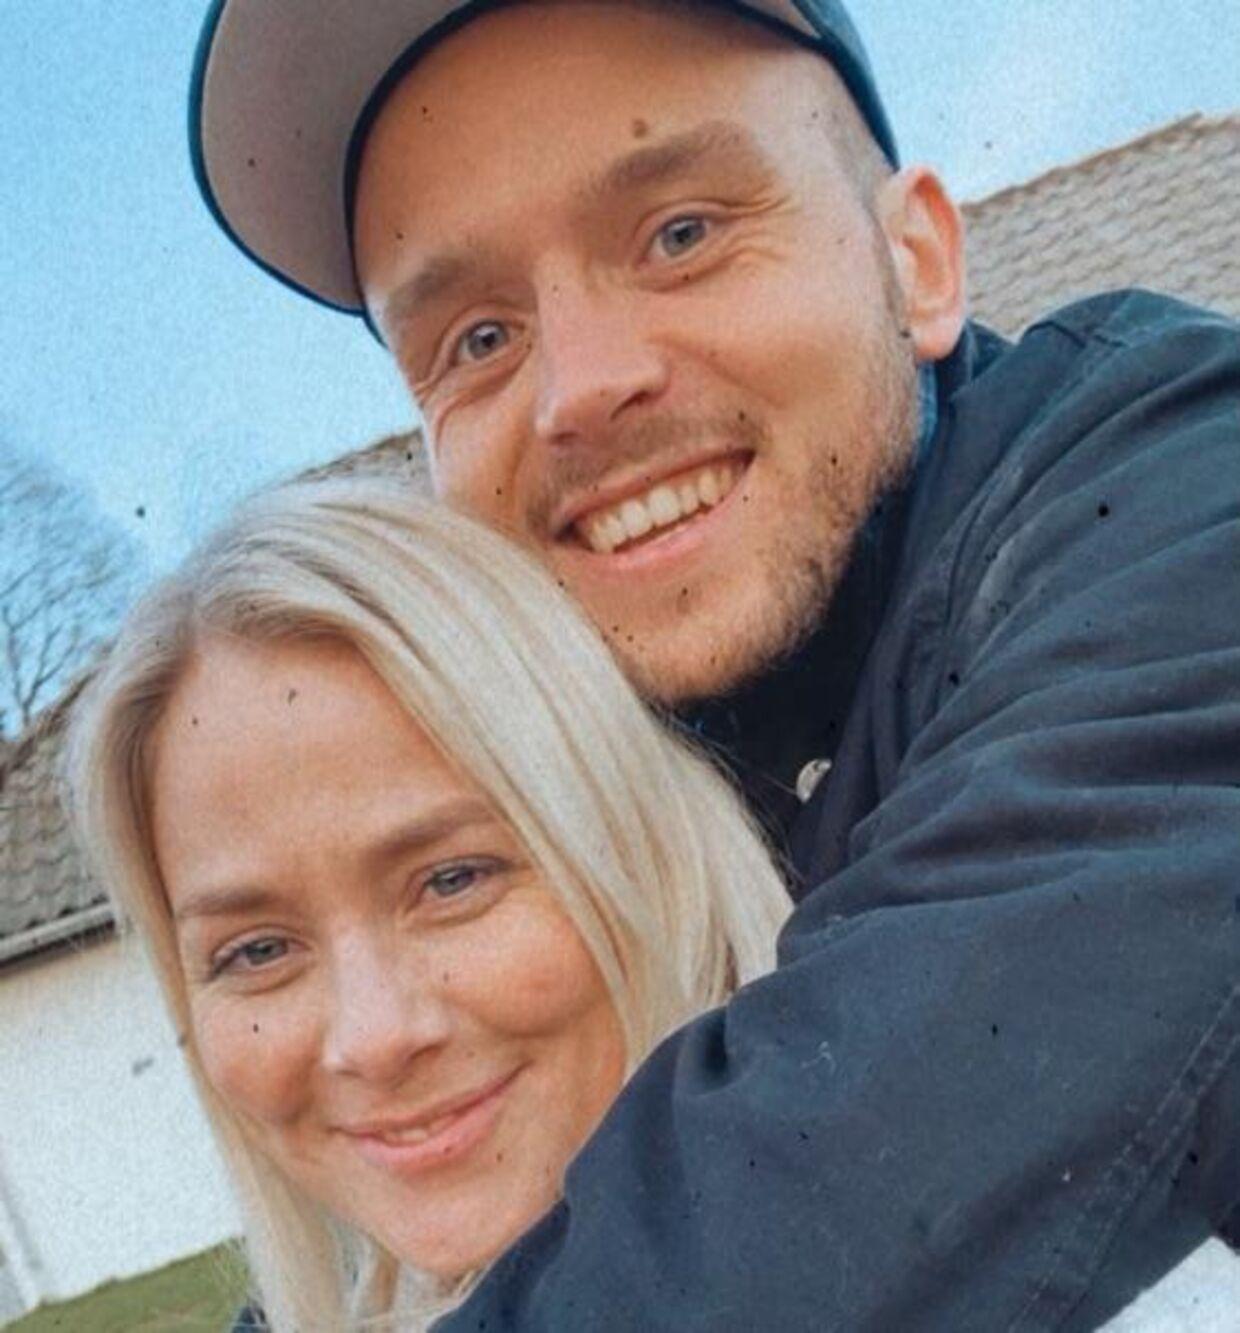 Stine og Oliver har dannet par i fire måneder og er flyttet sammen i Vejle.